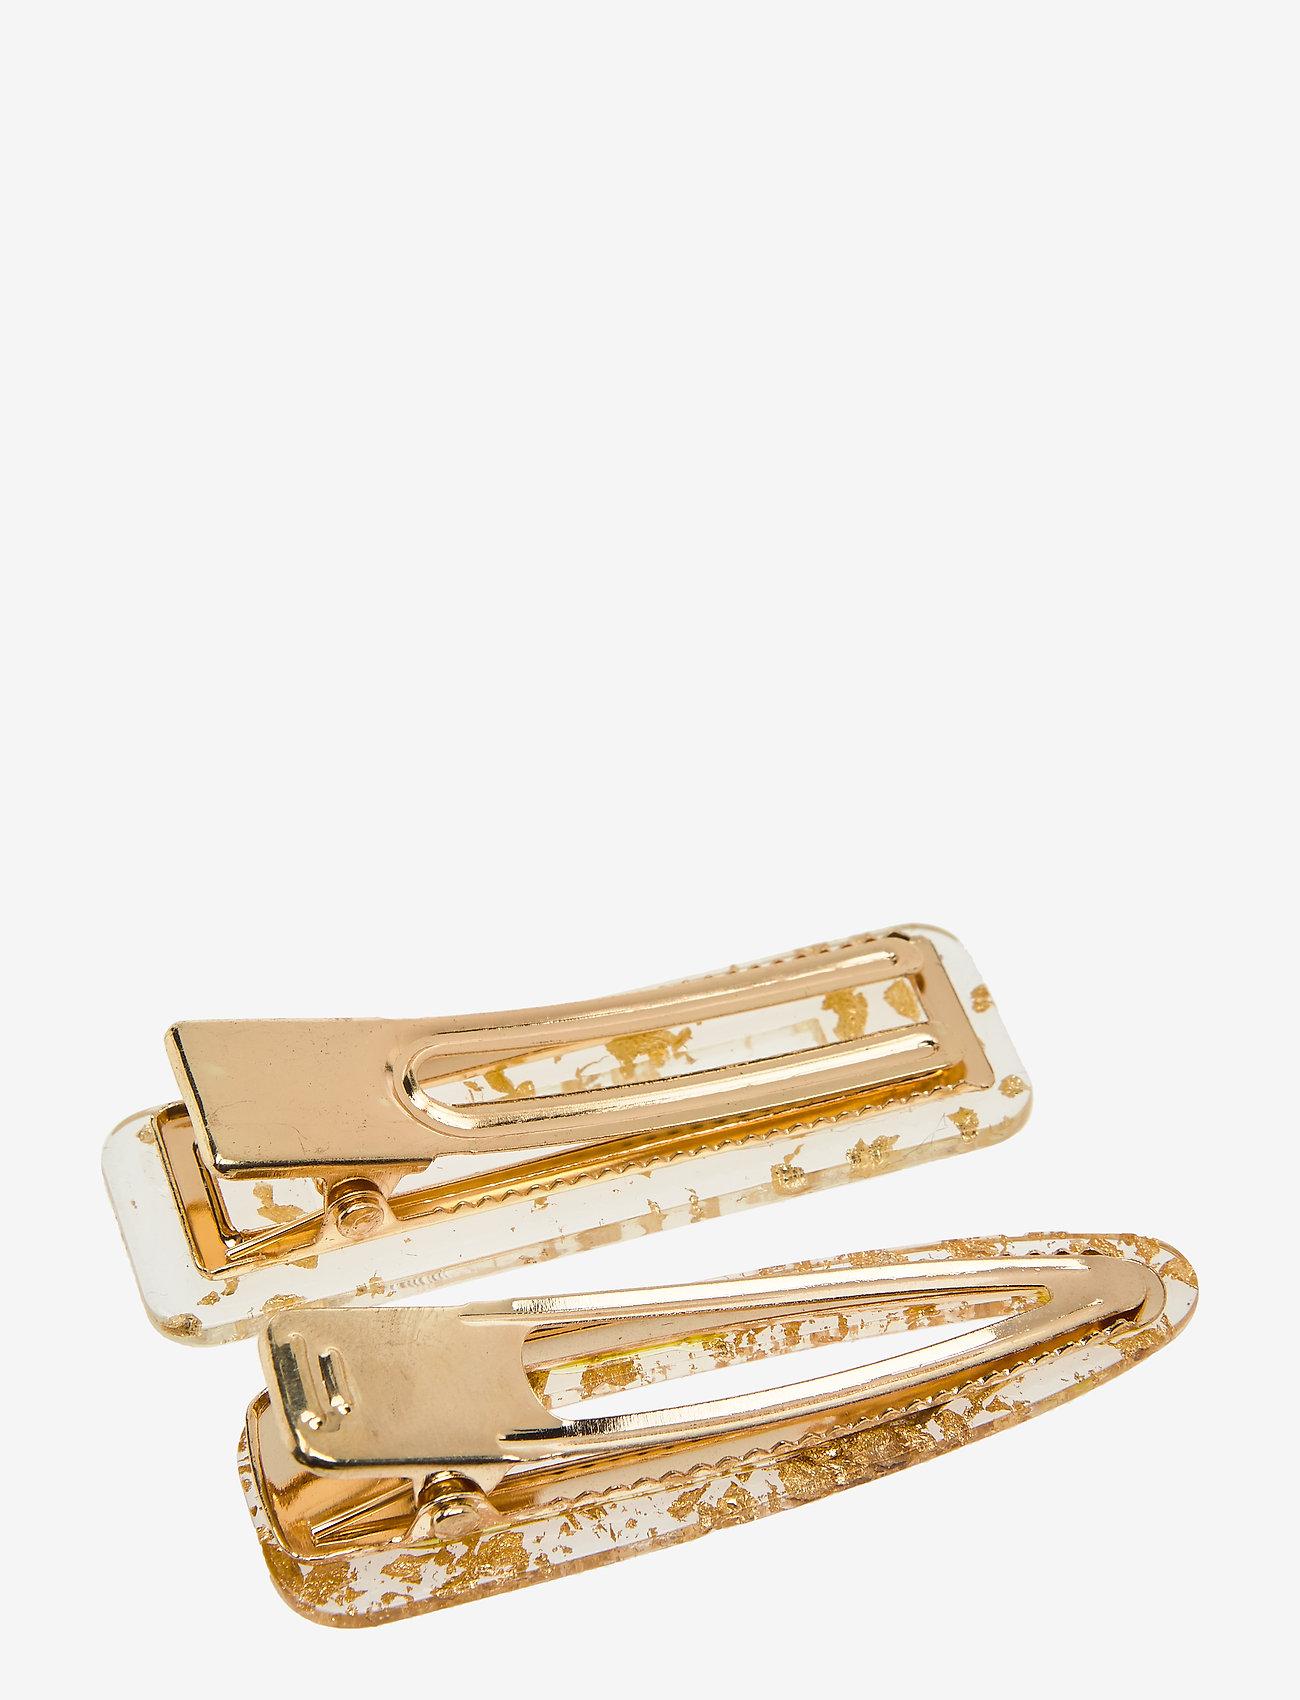 PIPOL'S BAZAAR - Flake Hair Clip PIPOL Set Gold - hair accessories - gold